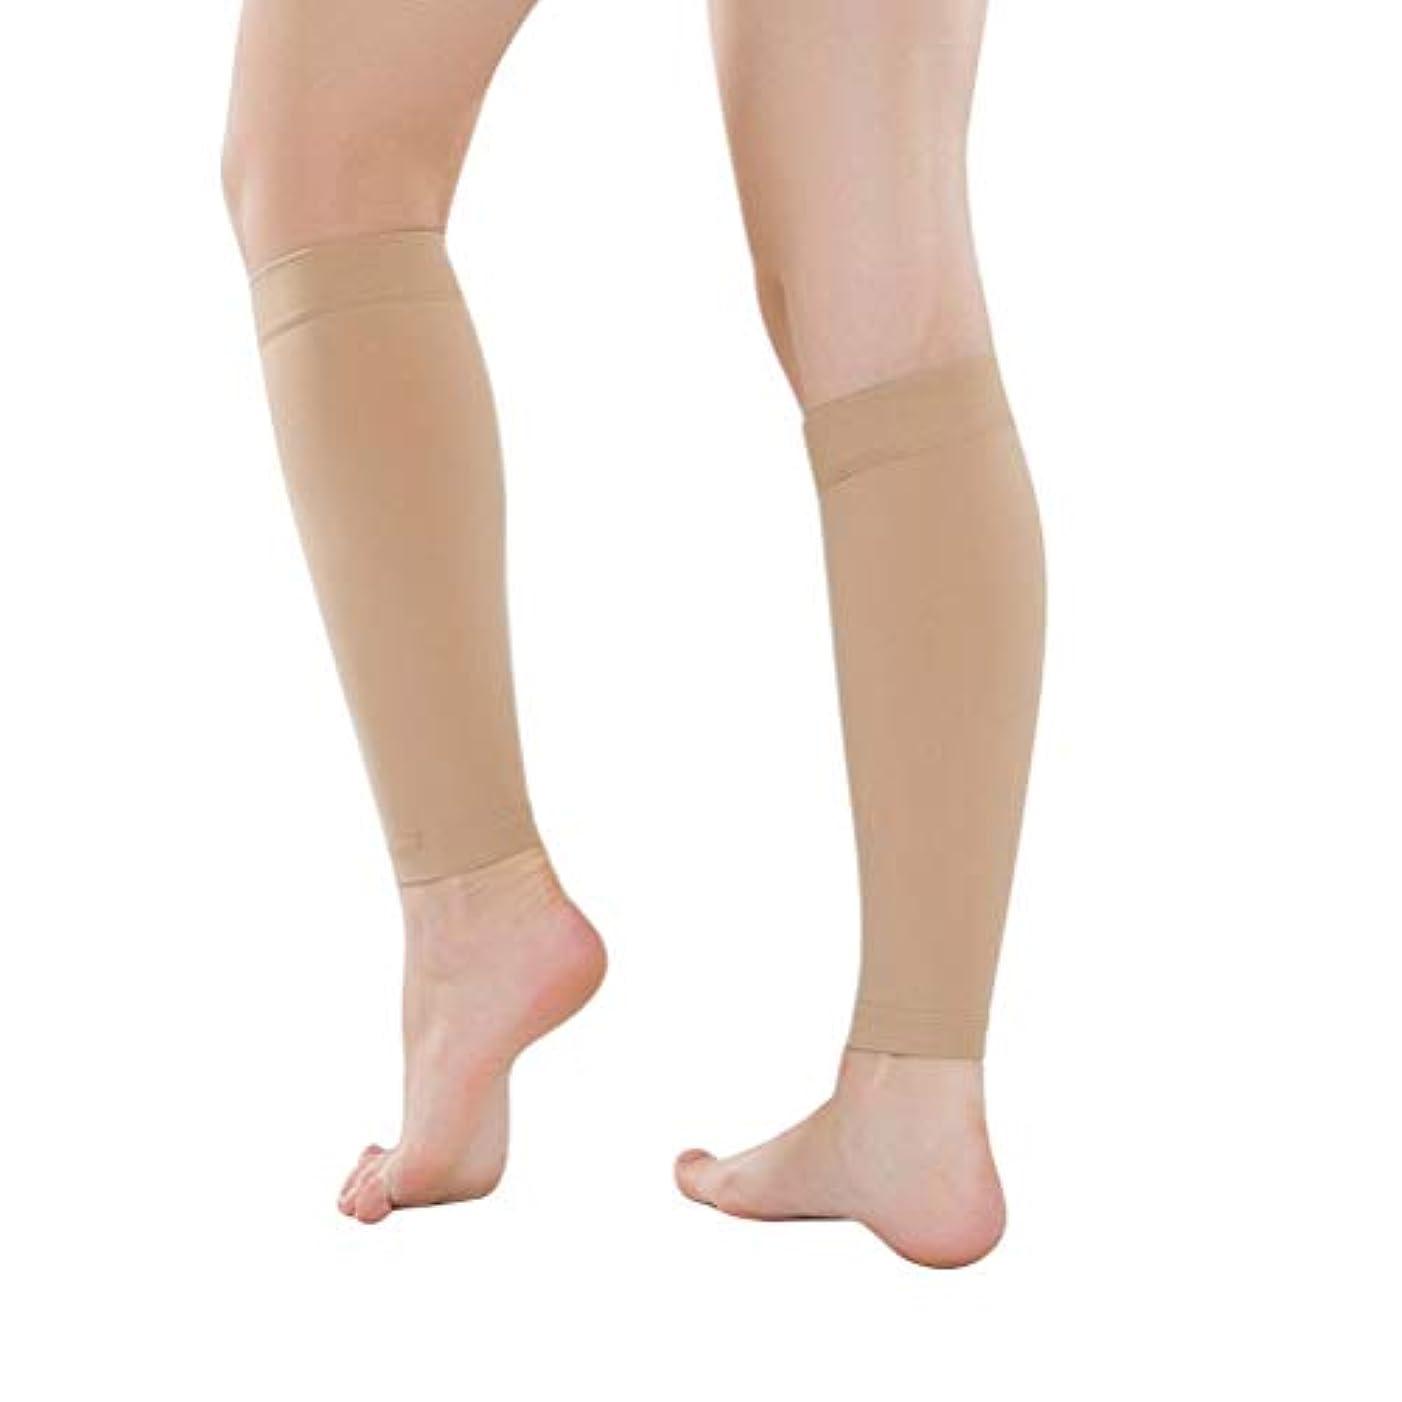 コンソールスムーズに麻痺させるSUPVOX 圧縮ソックス二次圧スポーツ静脈弾性ミッドチューブレッグサポートスリーブ医療看護用1ペアM(肌色)